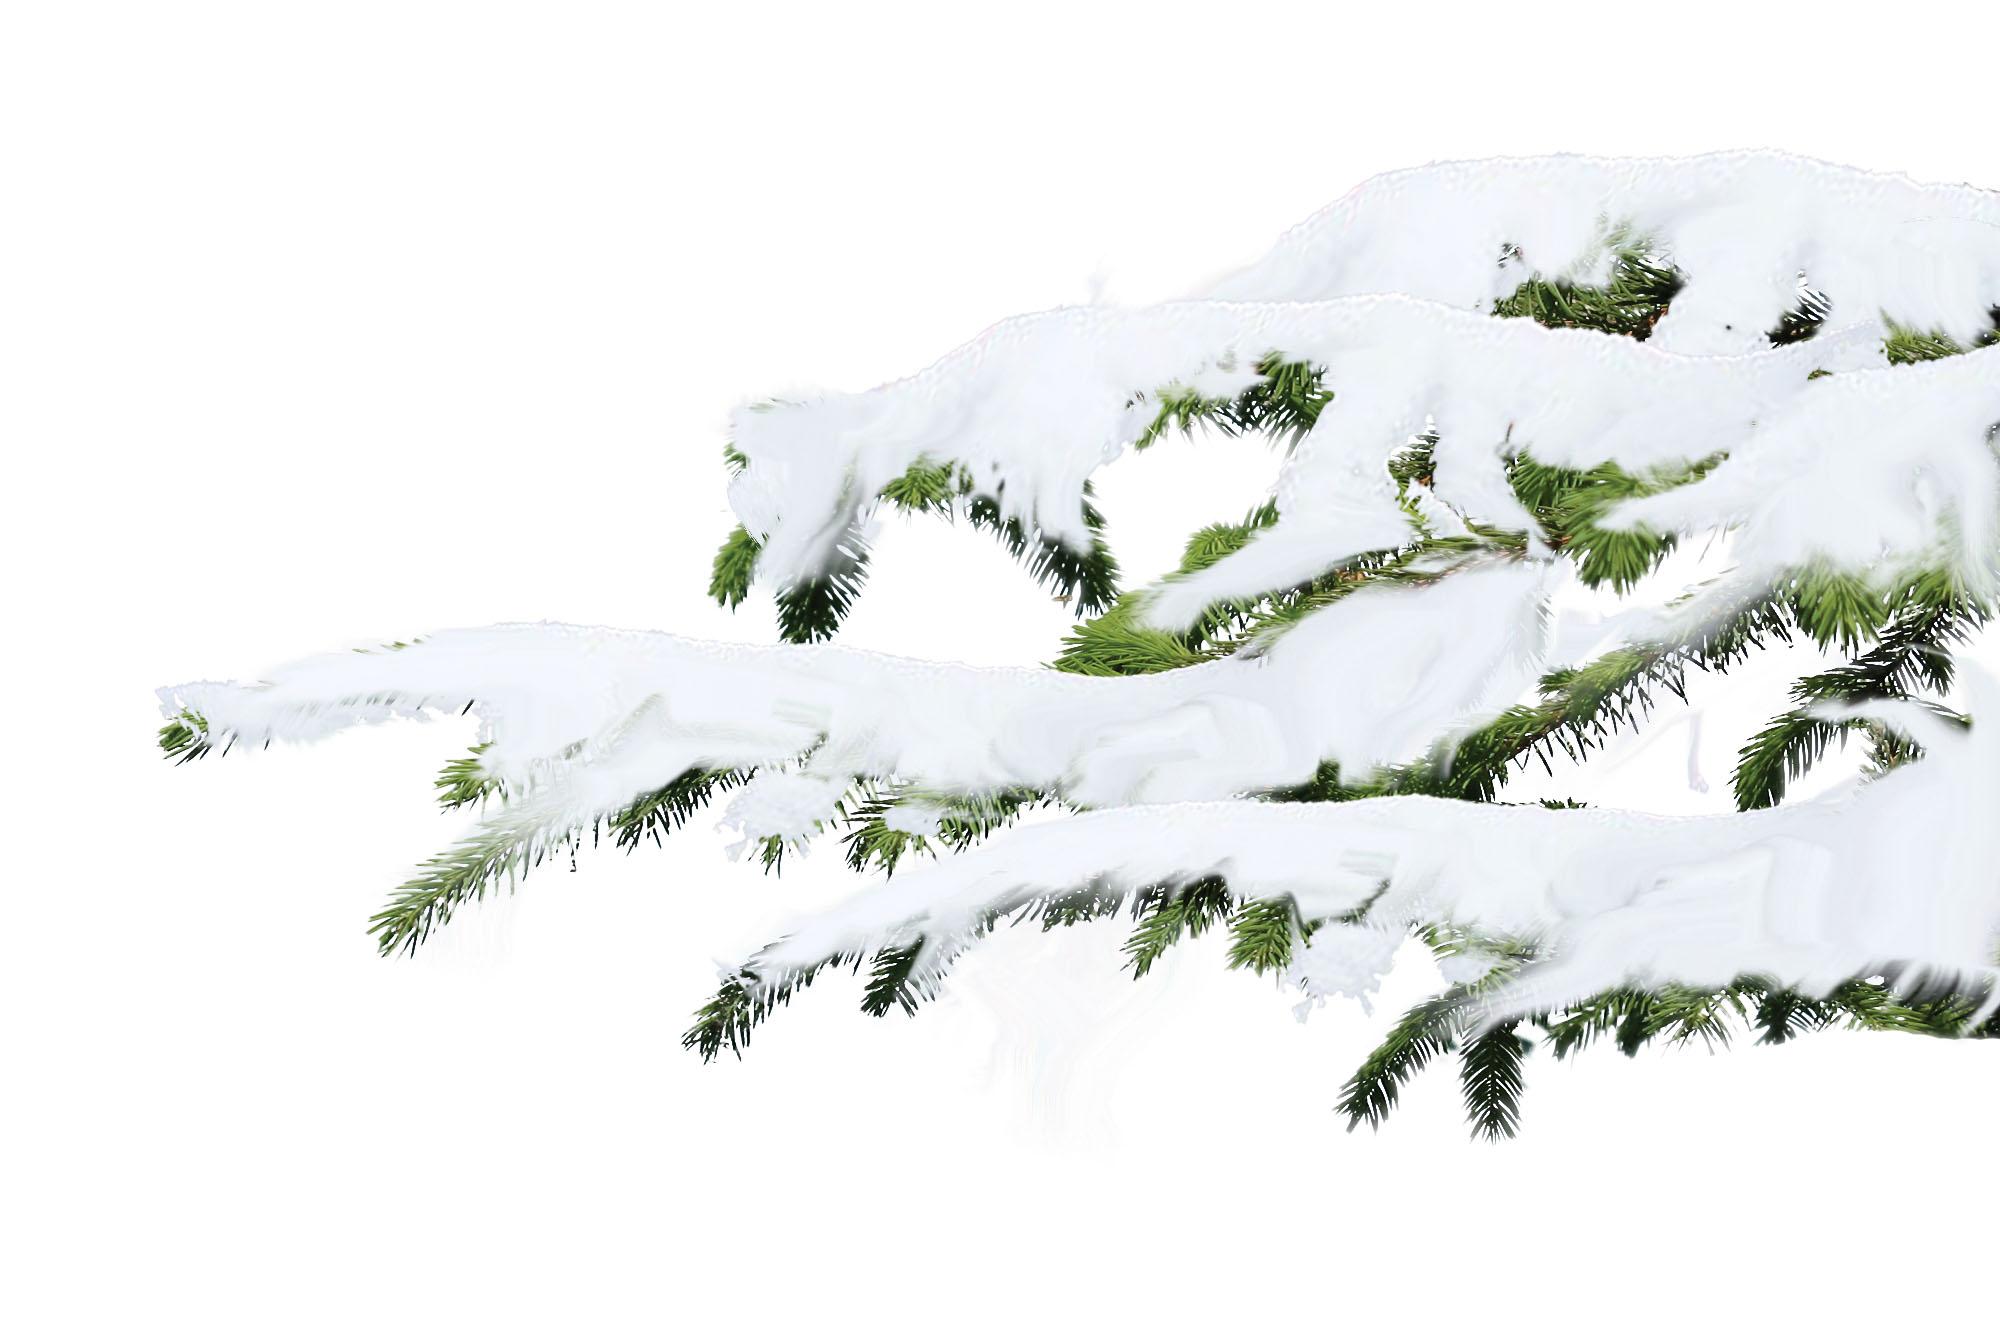 сделала картинки снега на прозрачном фоне имеет три